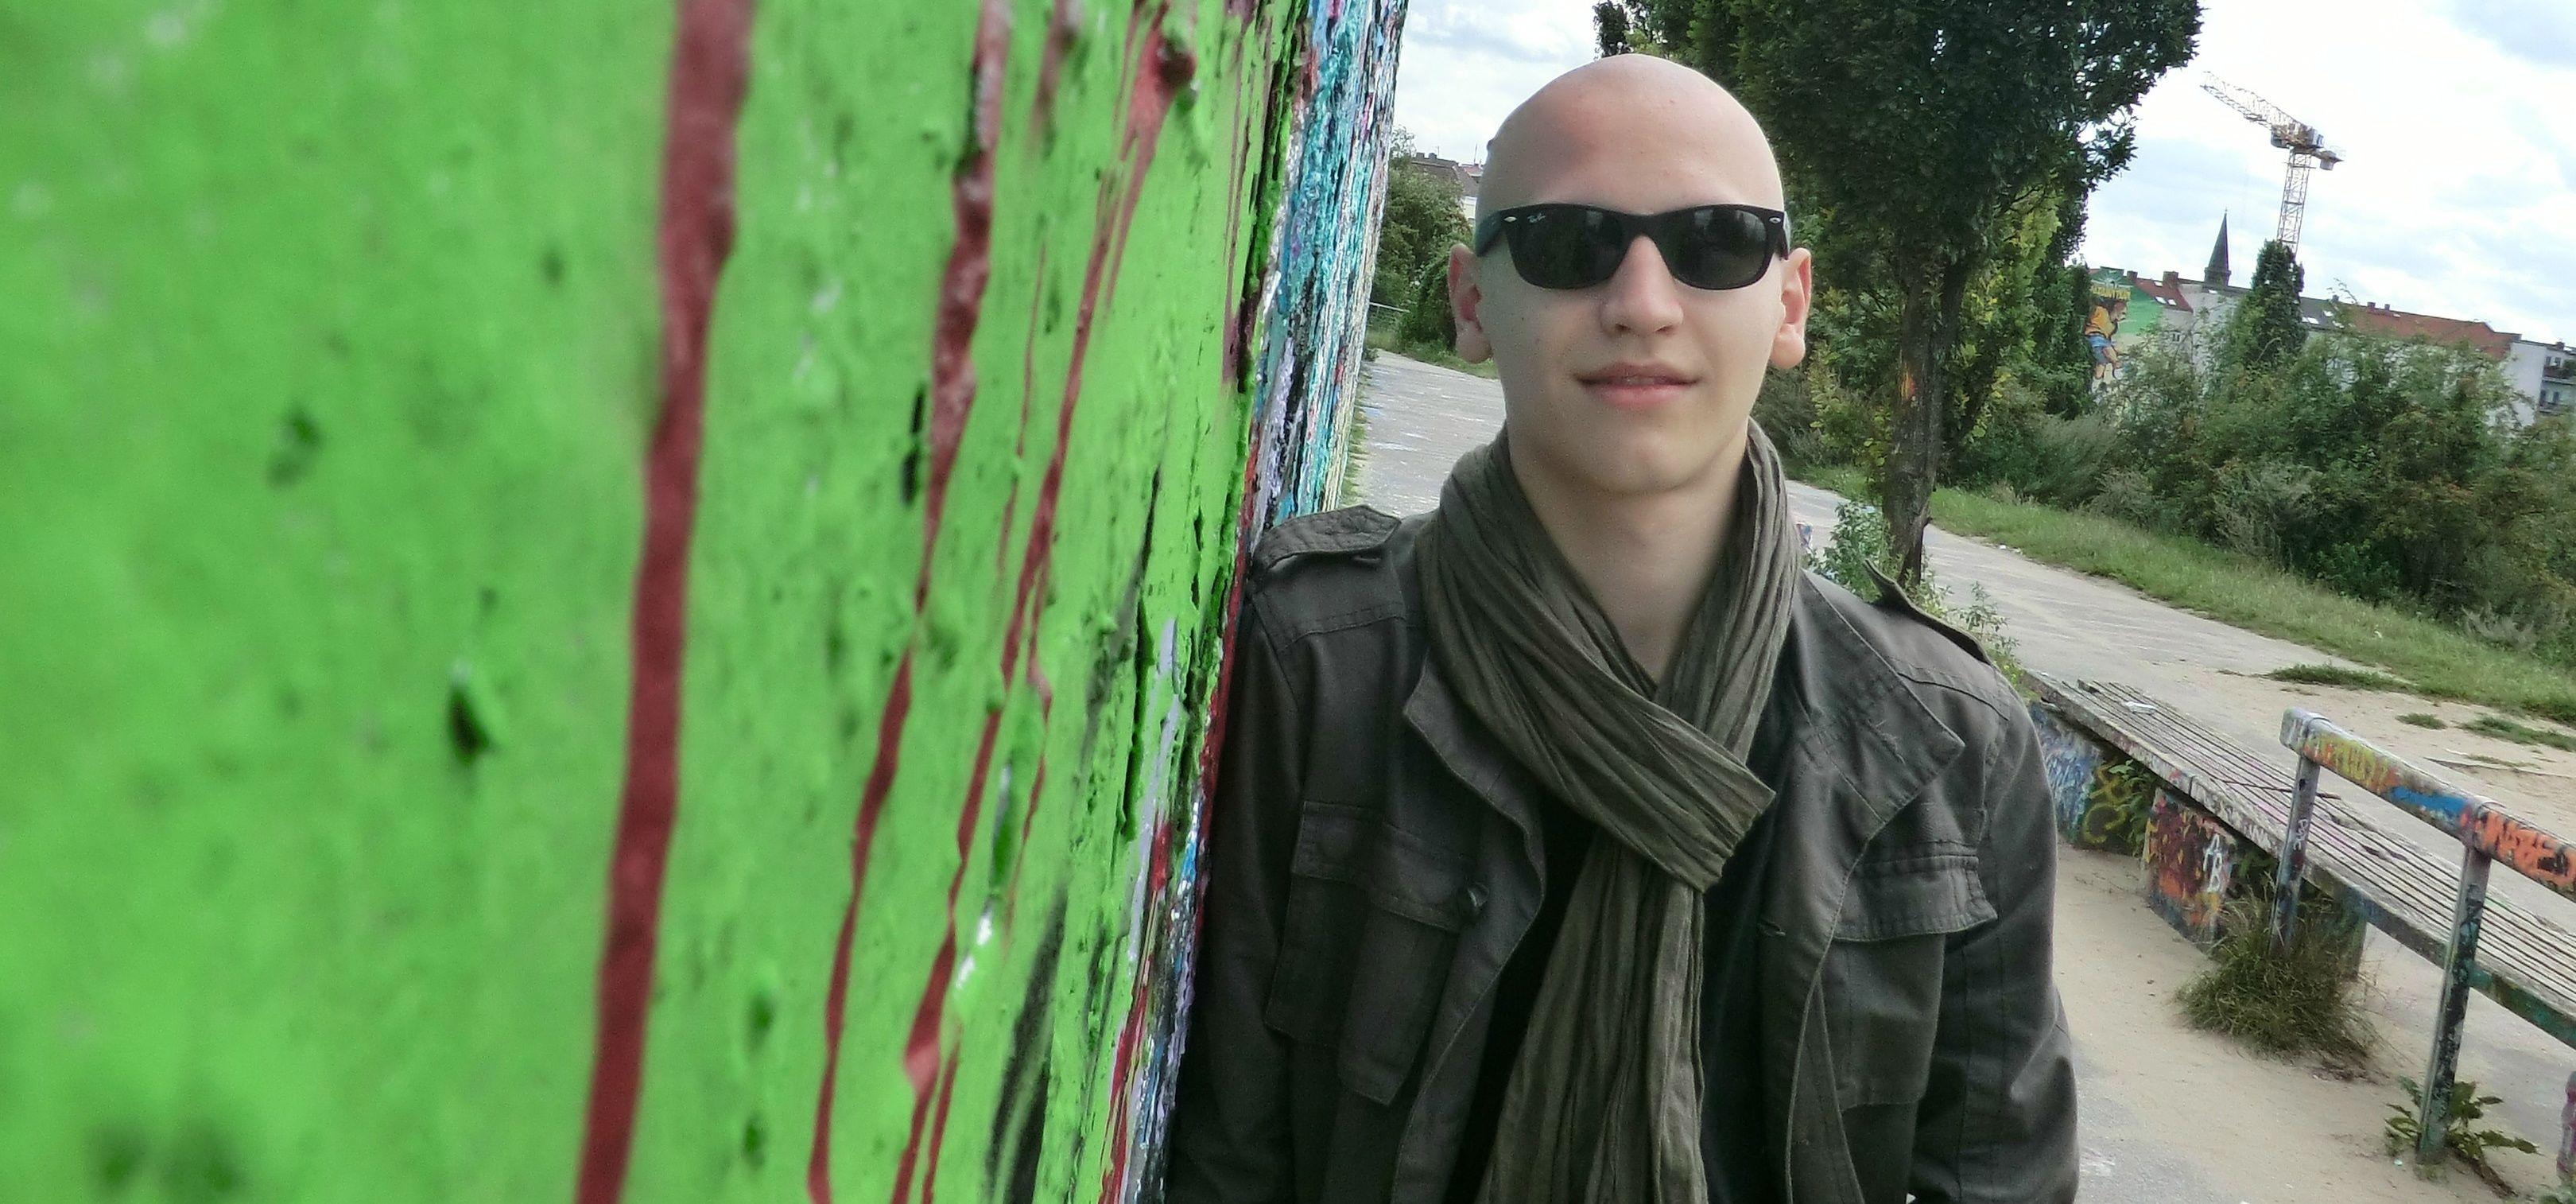 Octave N, Hénin-Beaumont : blogueur de Libération entre deux cours et deux élections